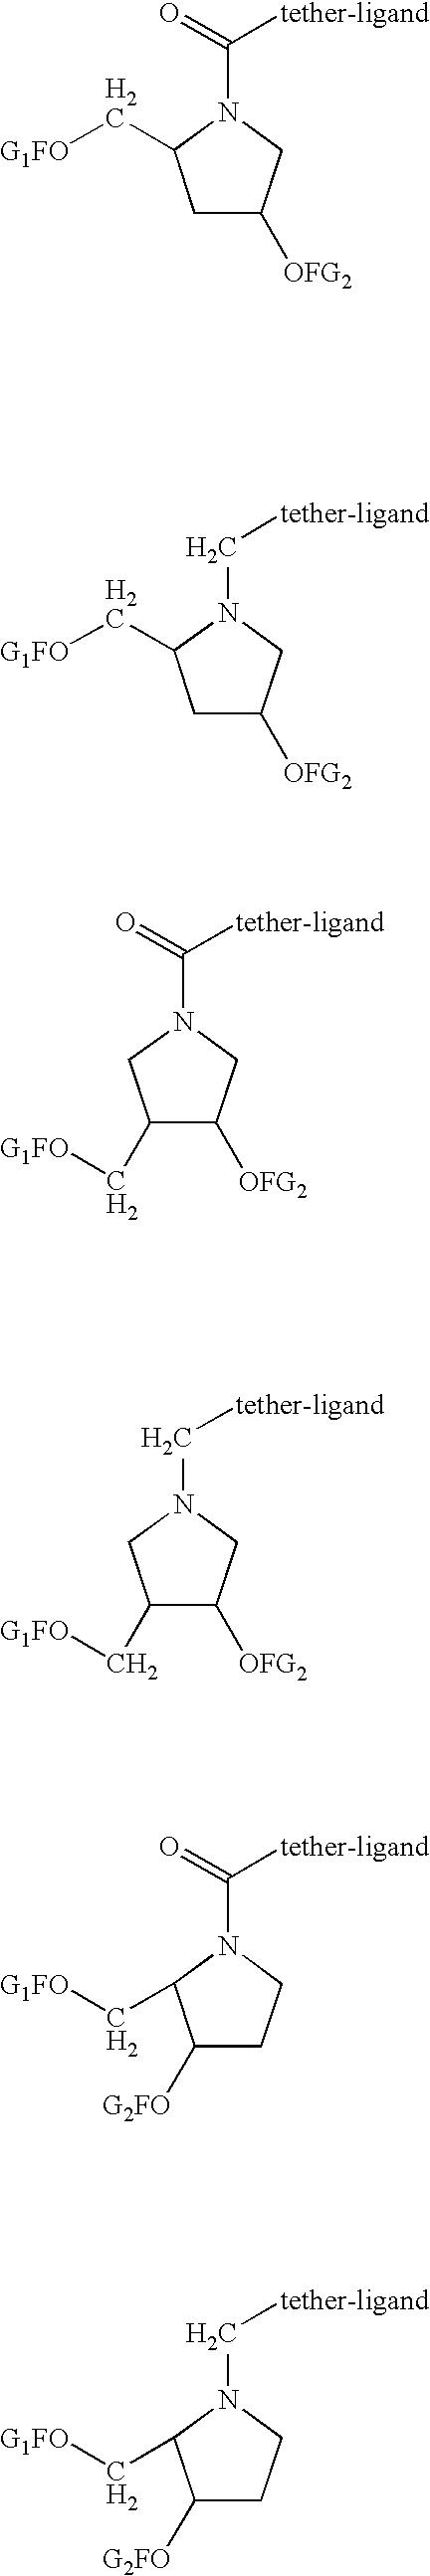 Figure US07723509-20100525-C00020